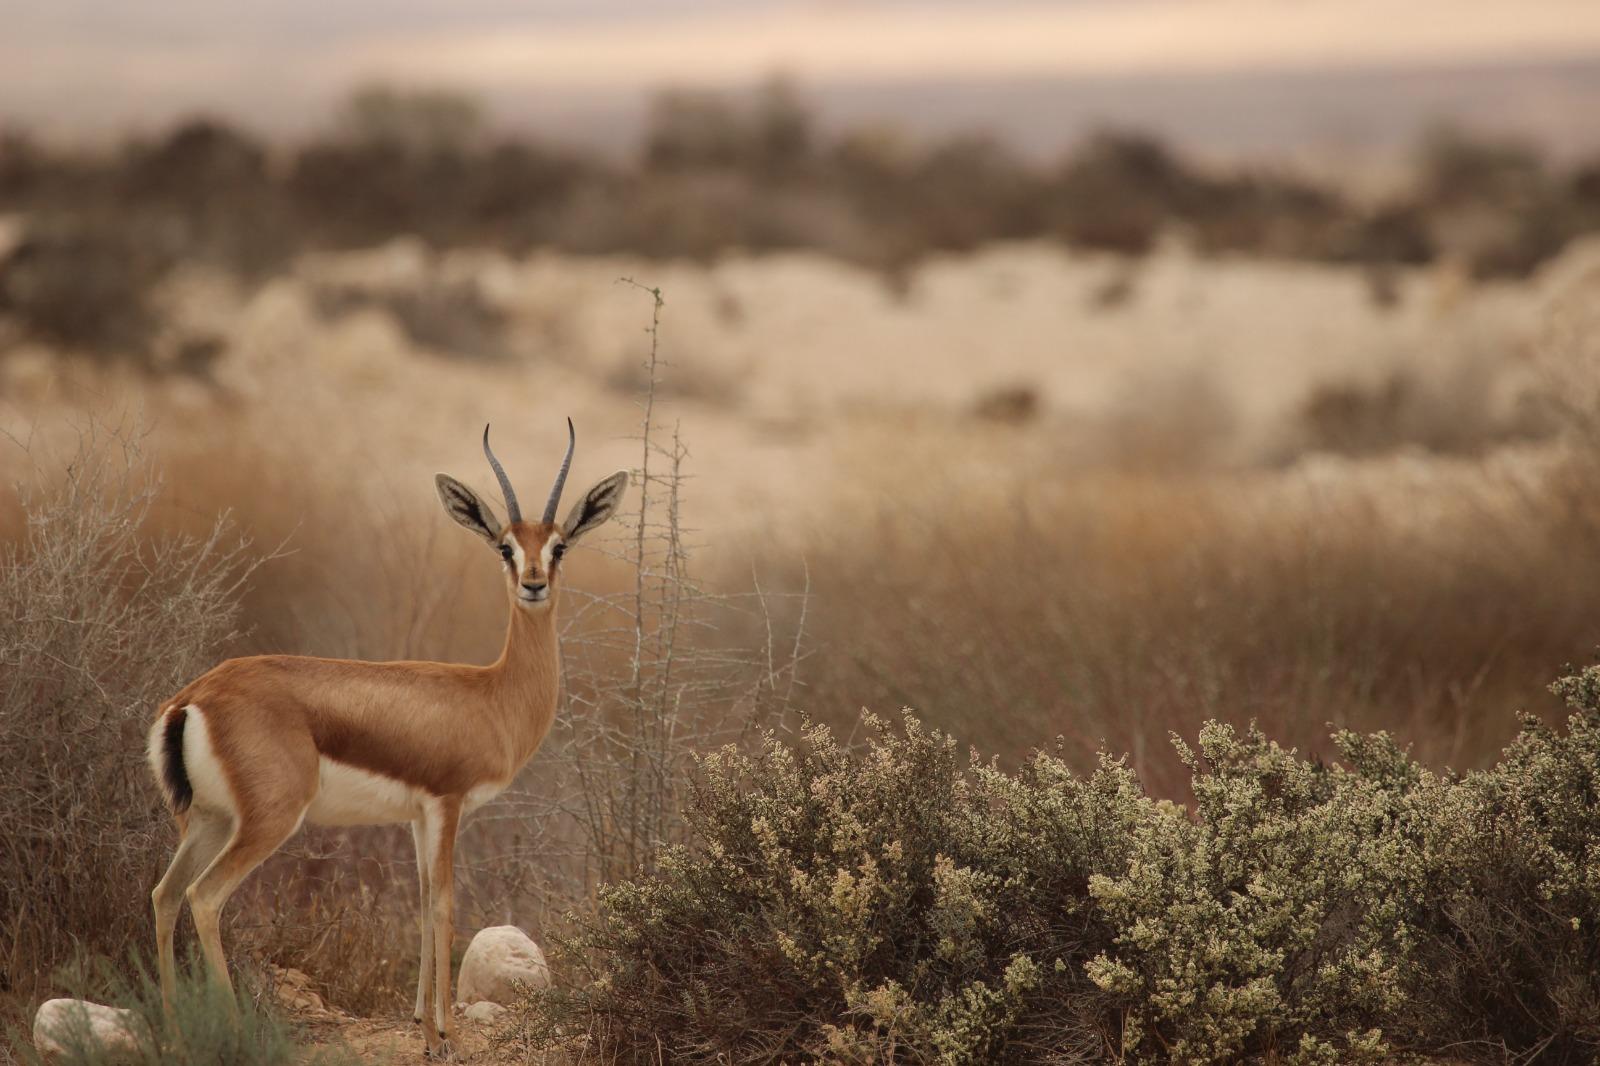 צבי הנגב עומד בלב שדה